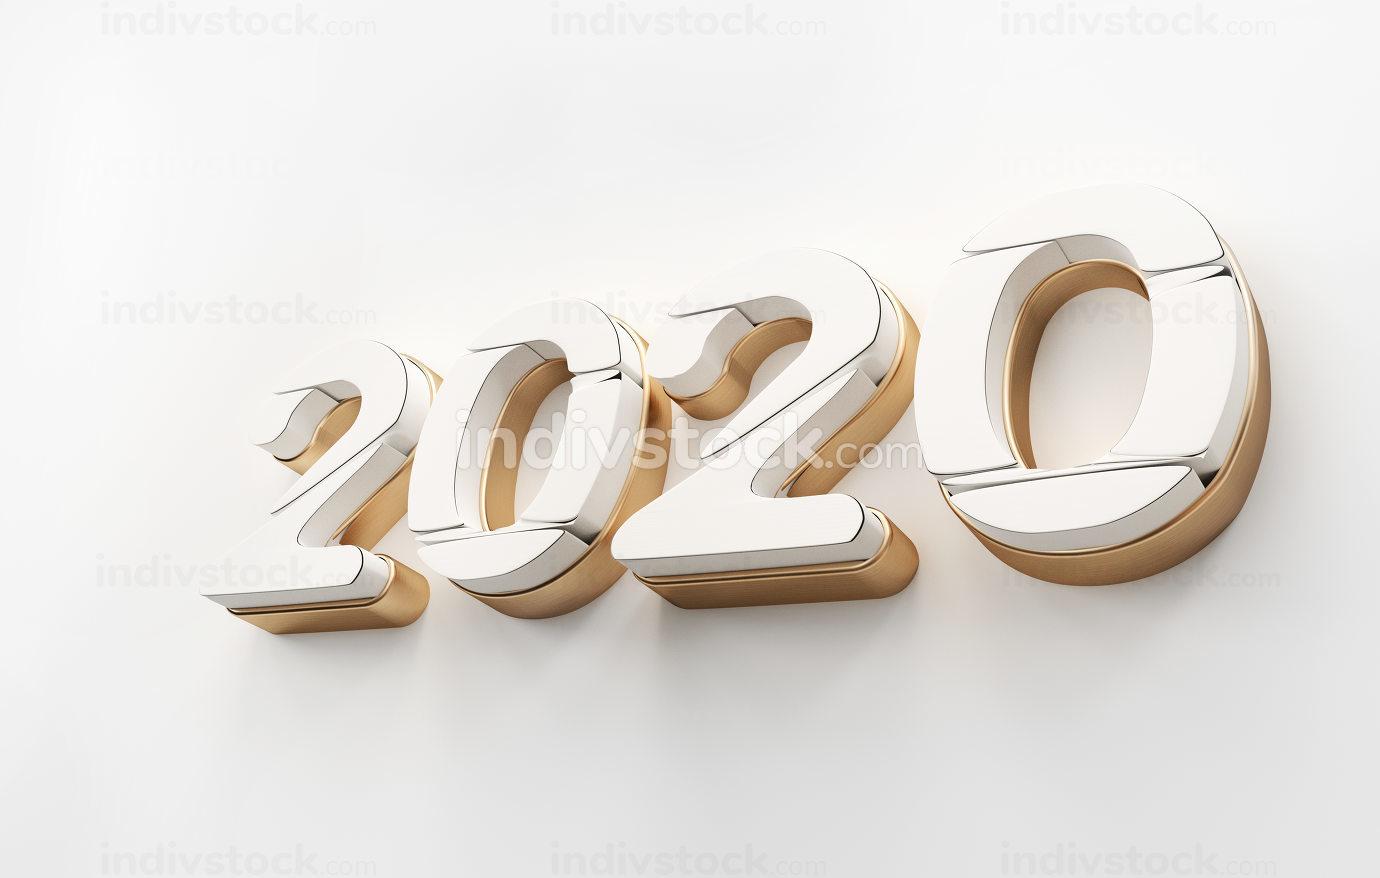 2020 golden white bold letters 3d-illustration